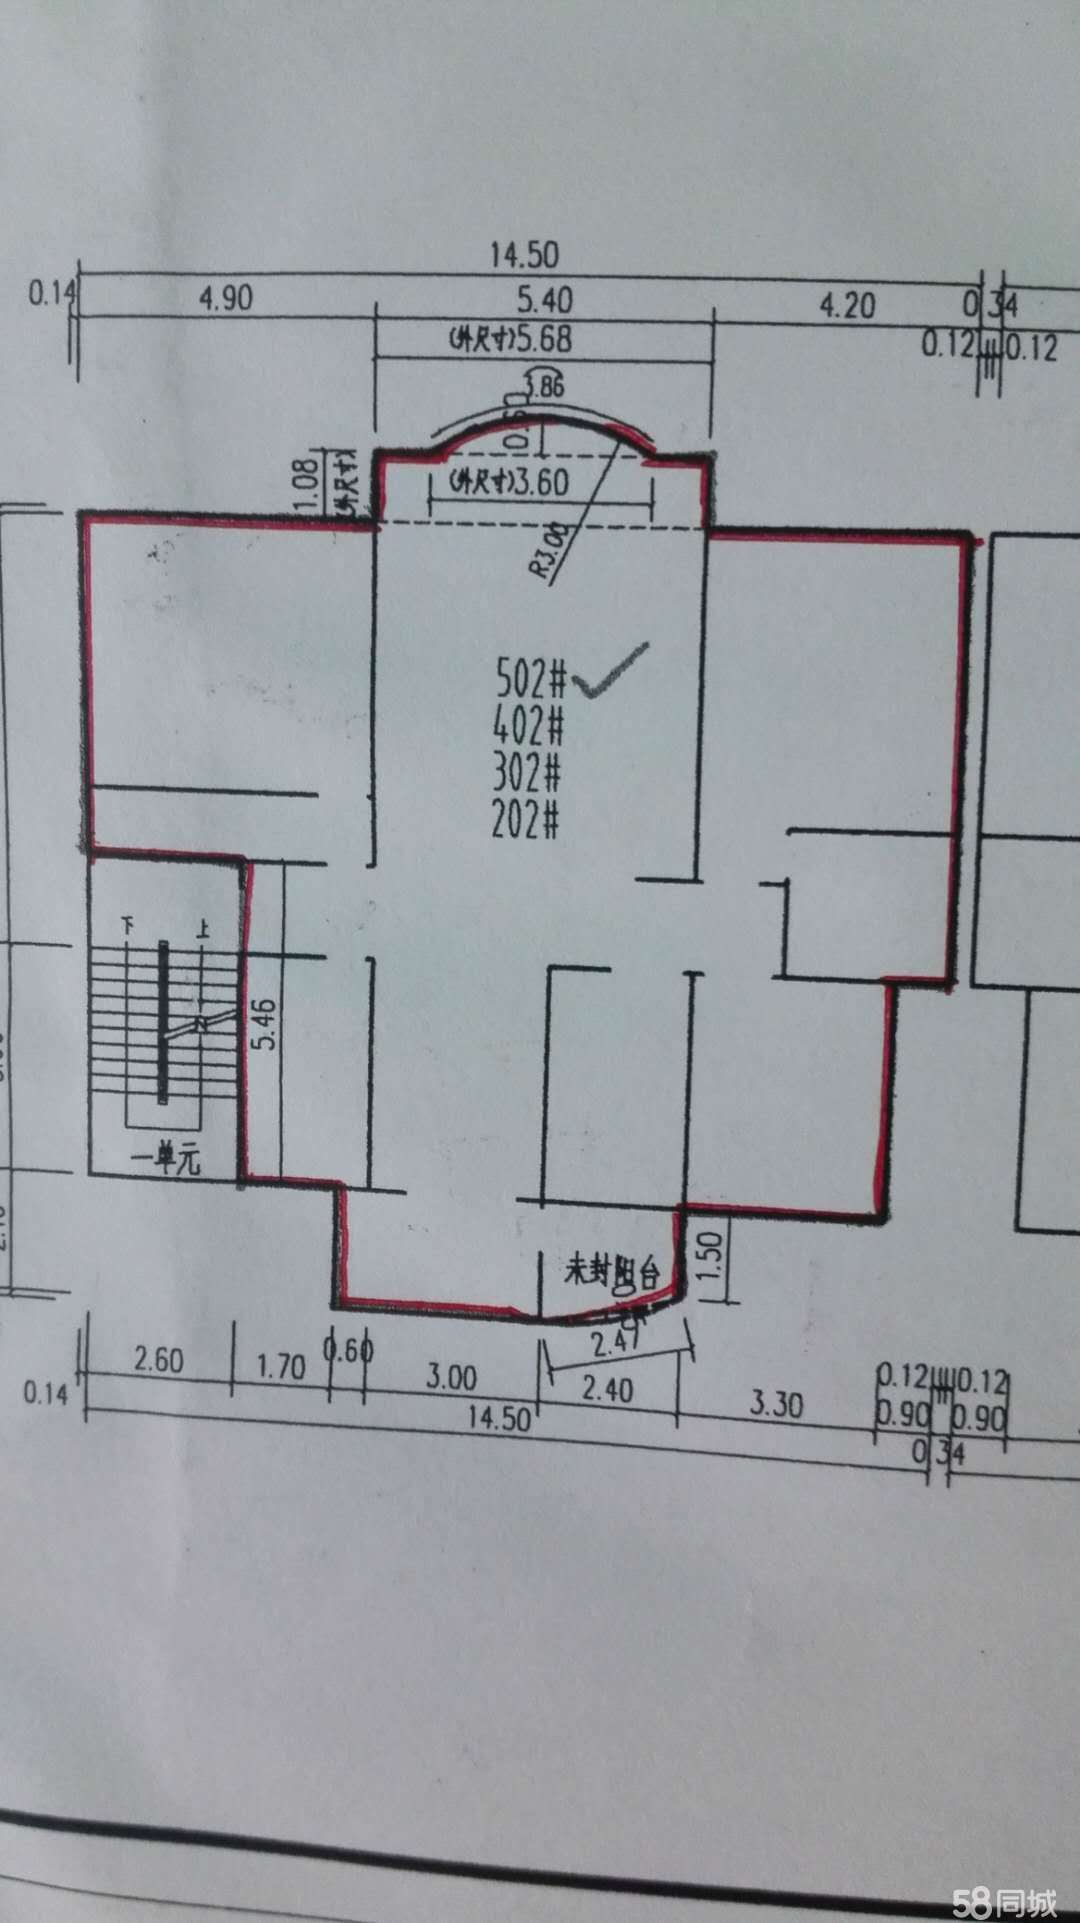 澳门网上投注娱乐红牧小区毛坯房5楼4室2厅2卫188平米